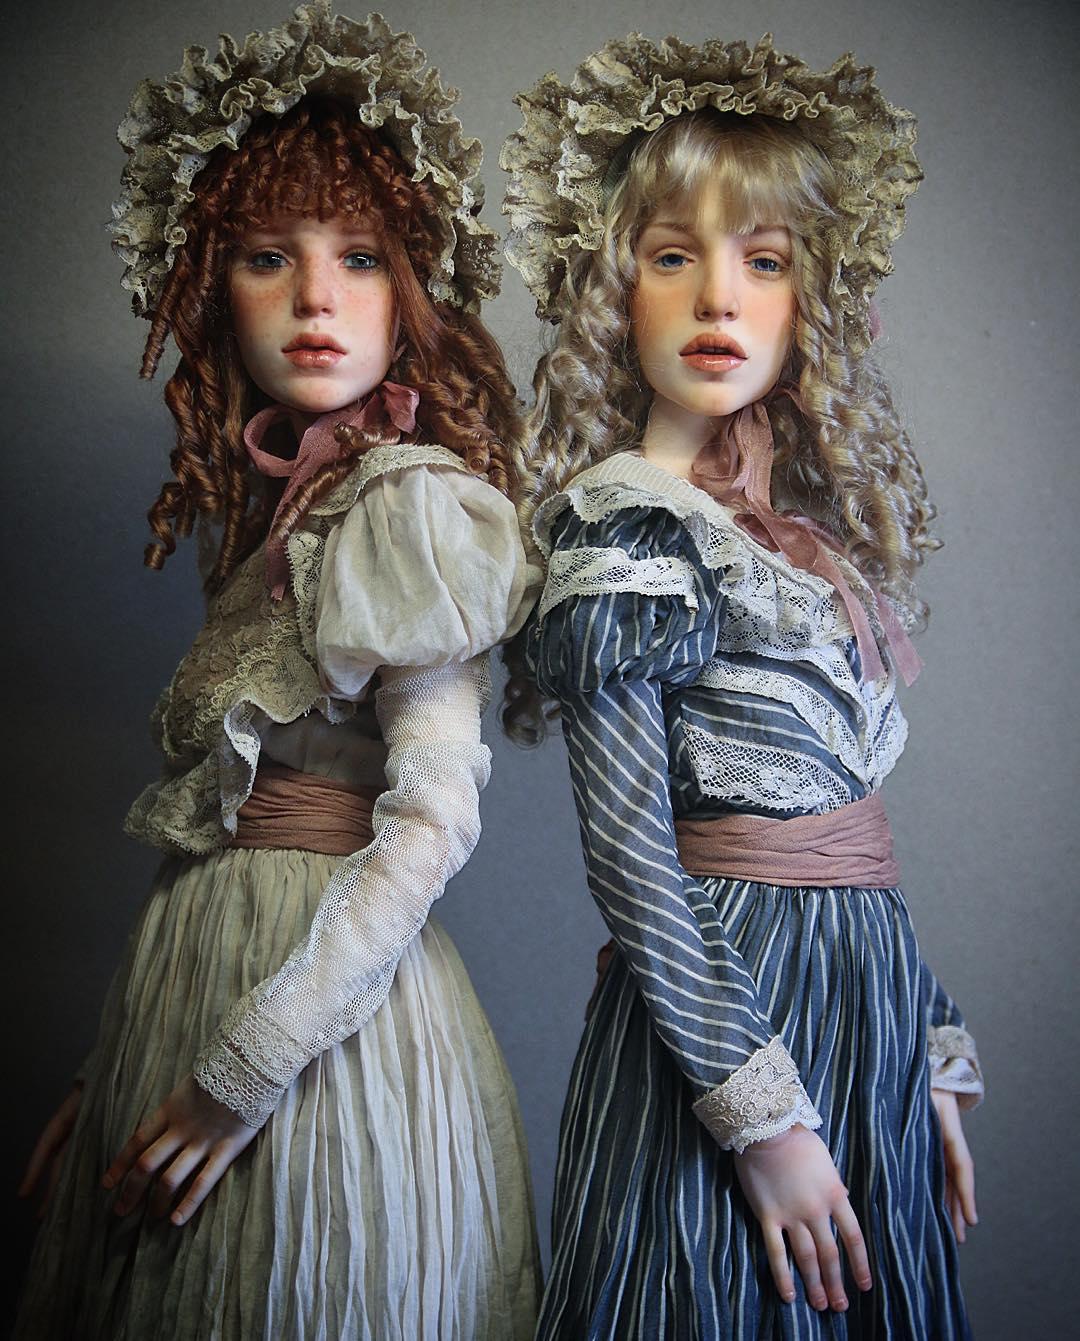 artista-realiza-rostros-de-muñecas-totalmente-reales-a-simple-vista-6